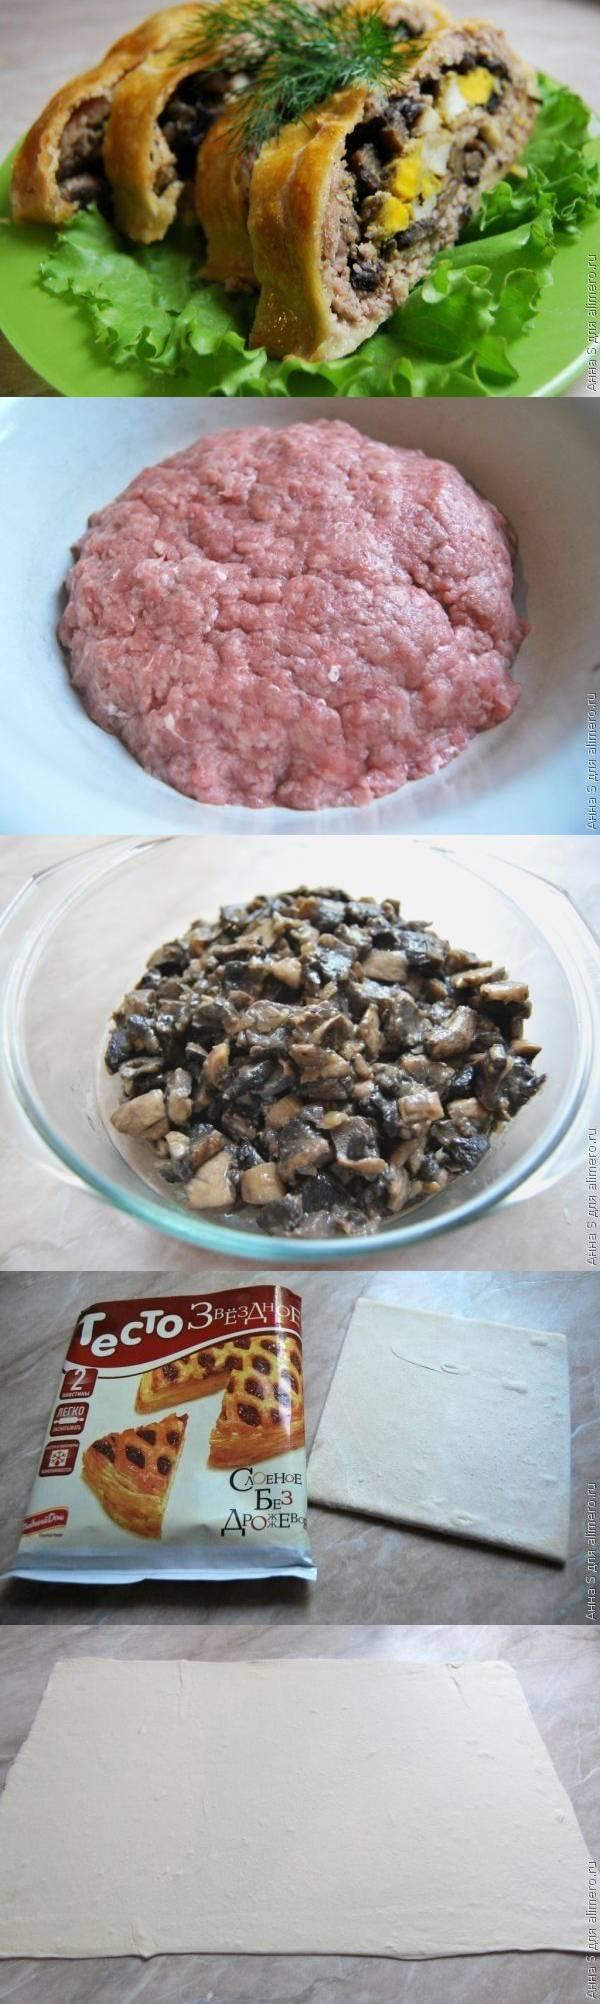 Мясной рулет с грибами в слоеном тесте